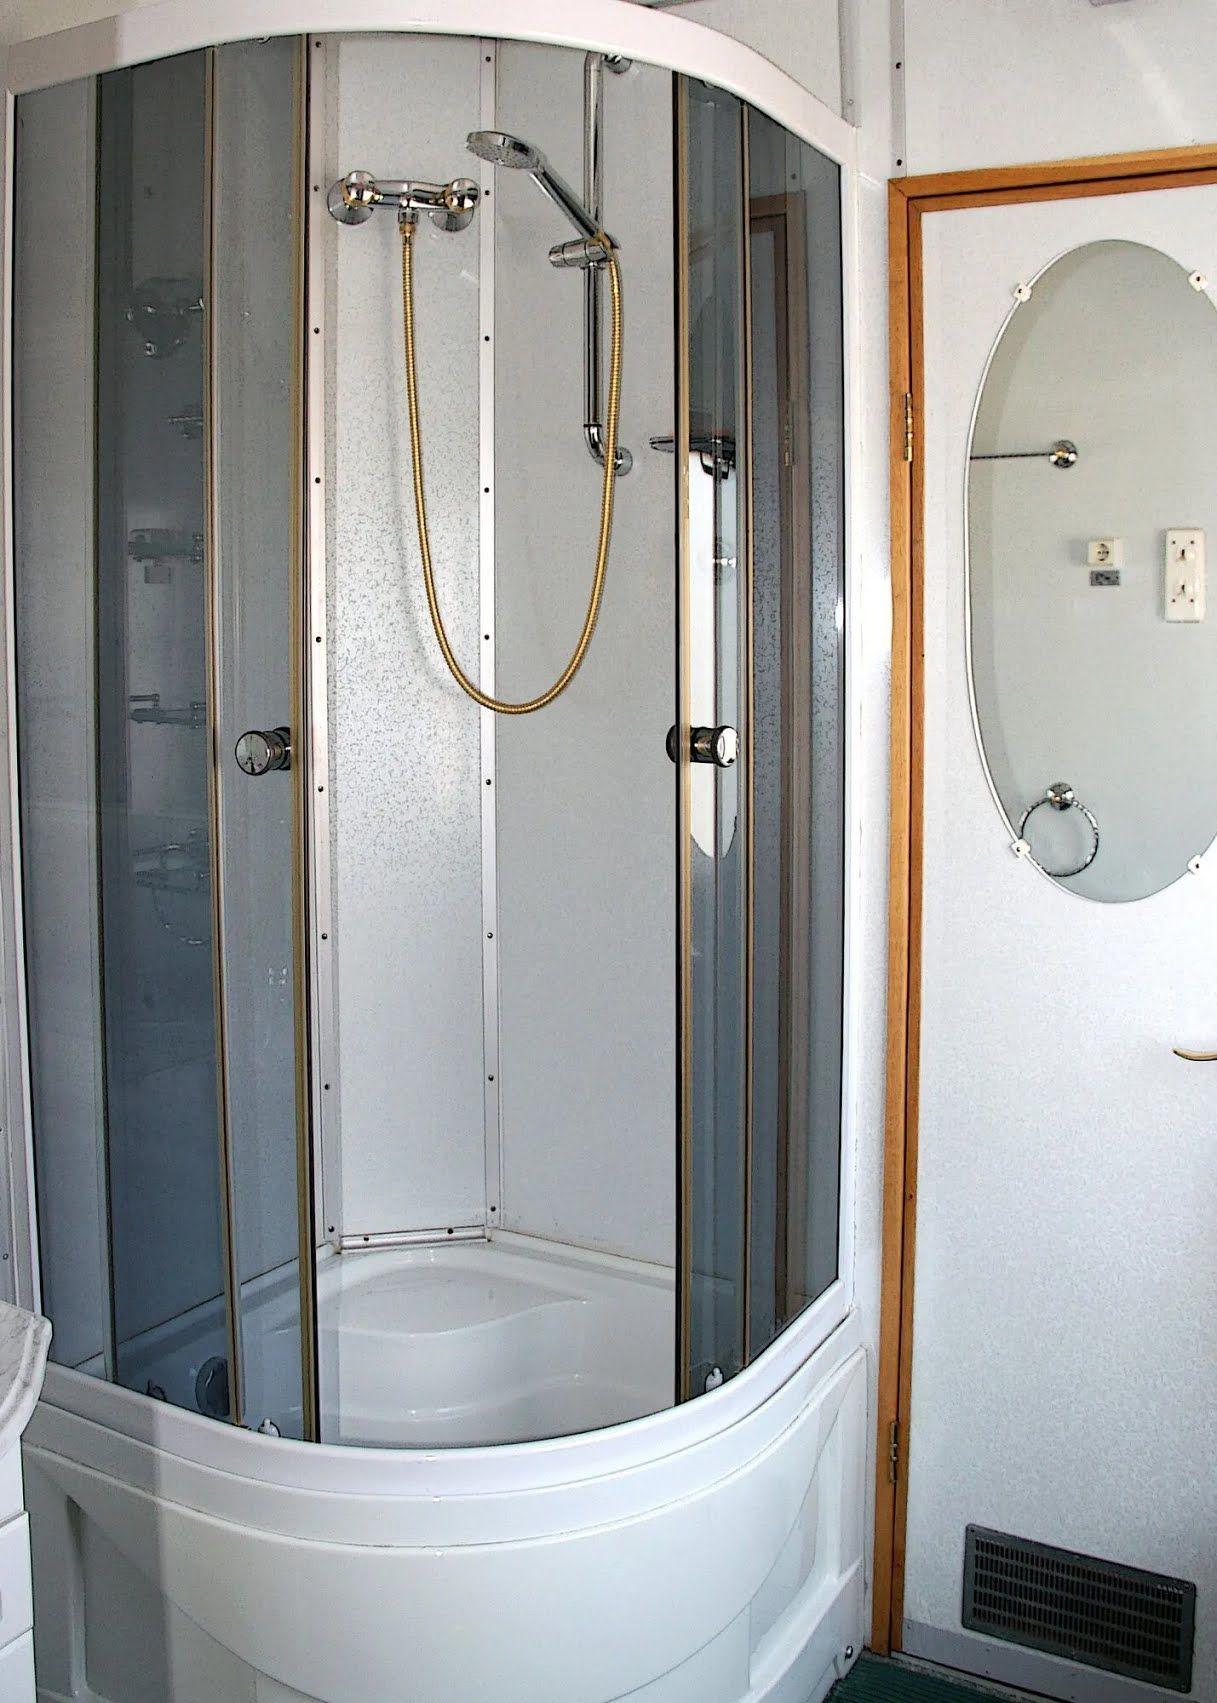 Они также оснащены отдельными ванными комнатами